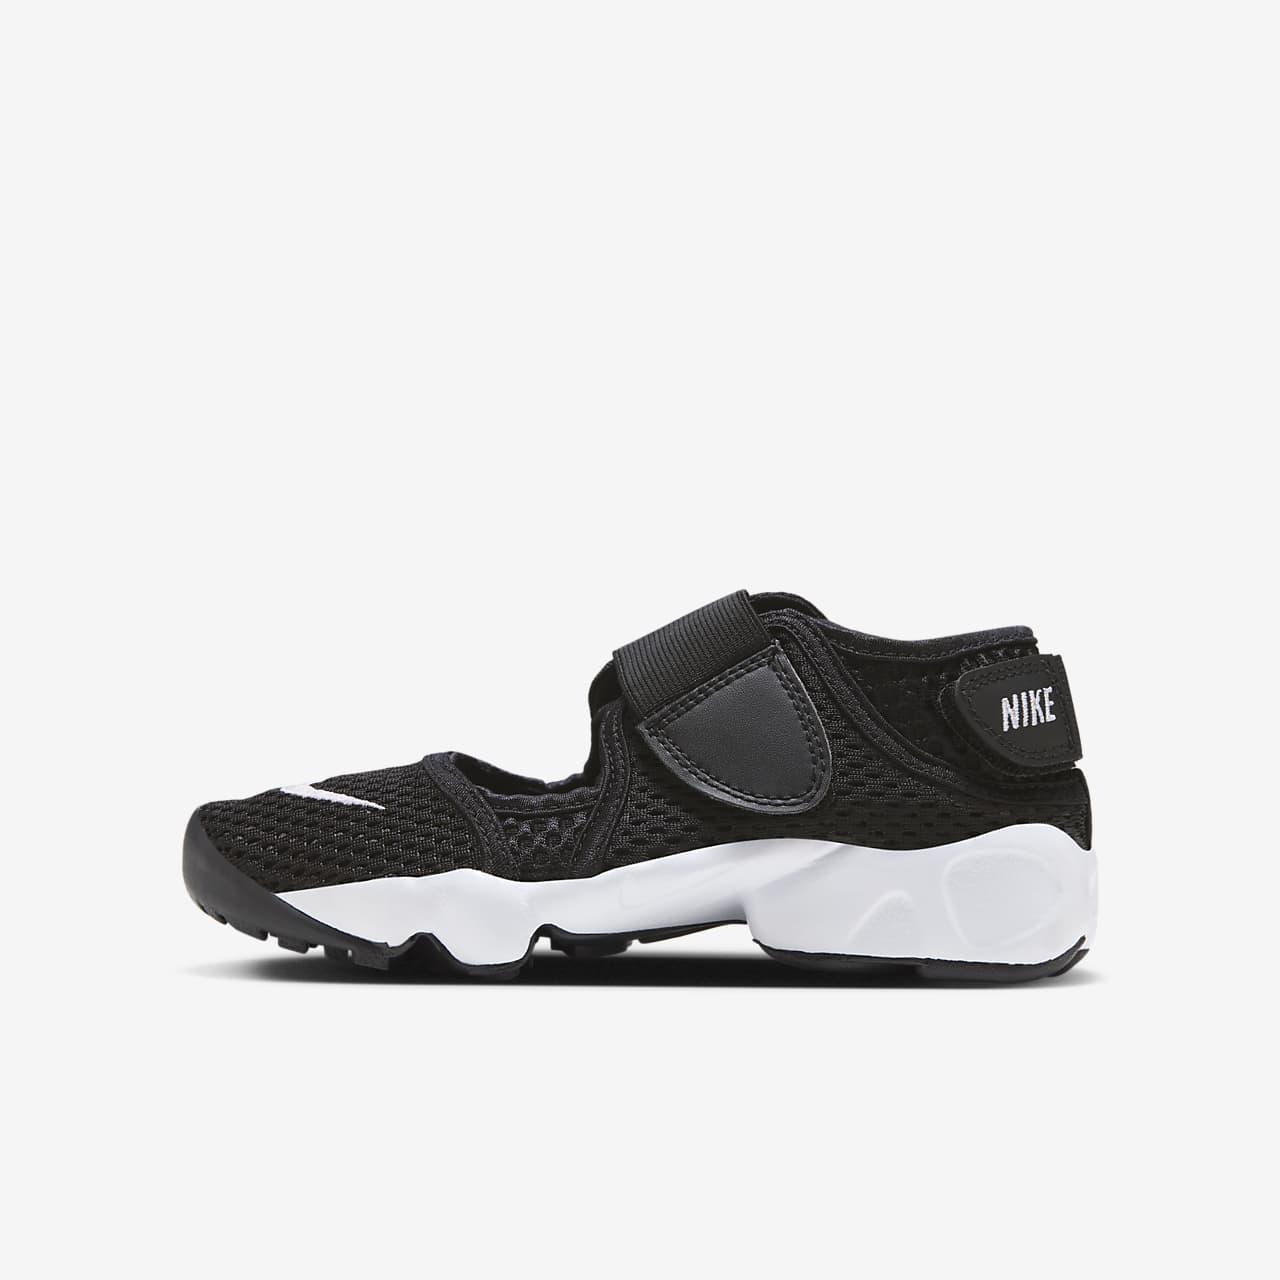 quality design 668c5 b53f5 ... Nike Air Rift (10.5c-3y) Kids  Shoe